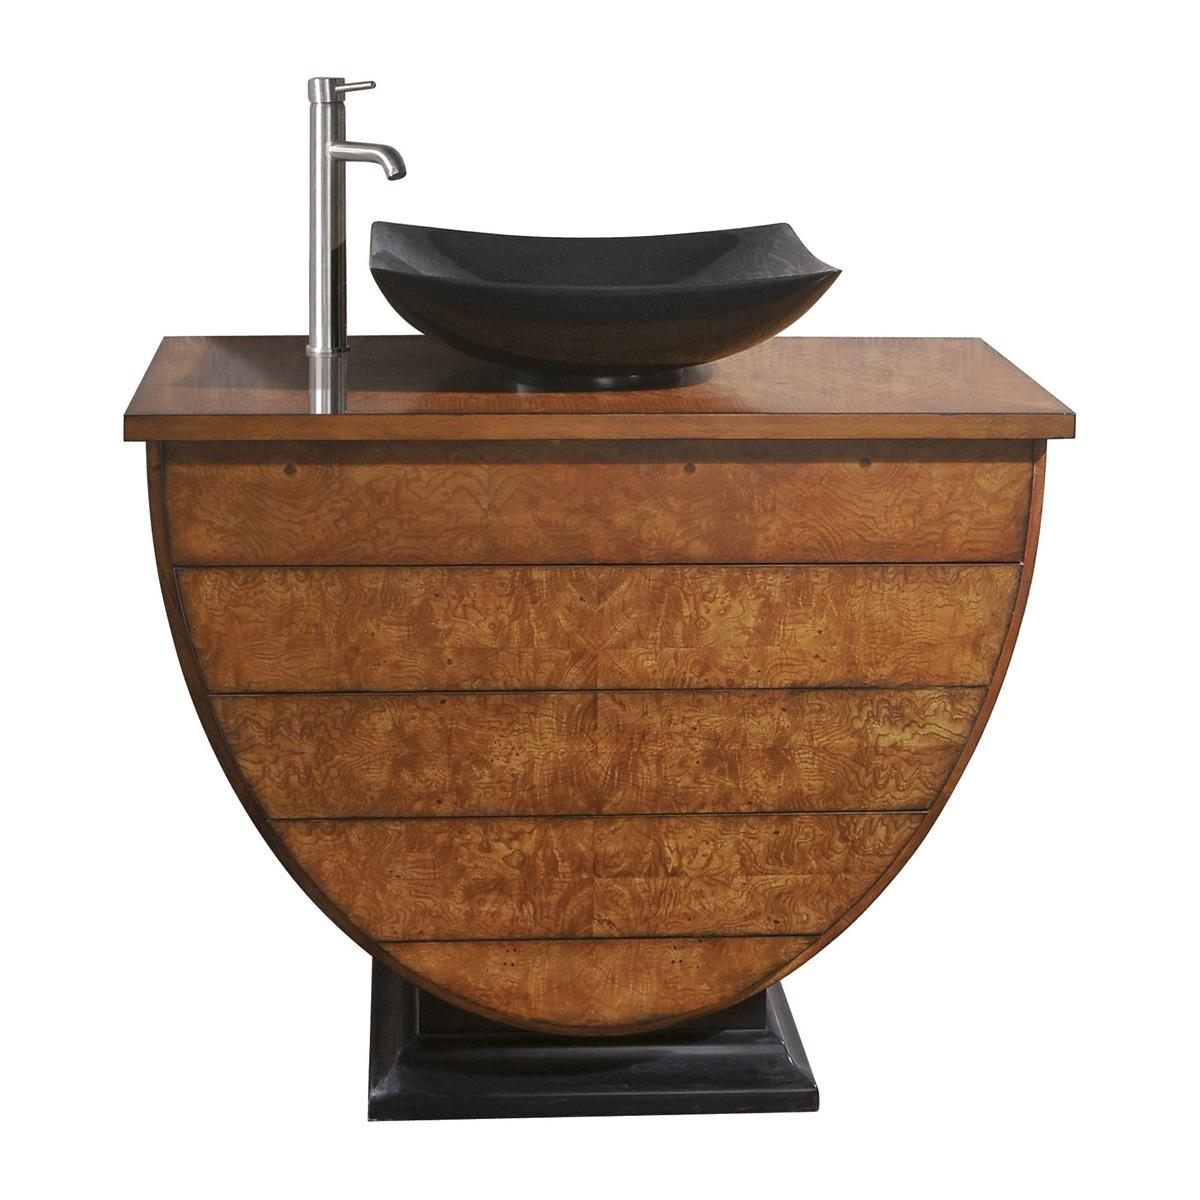 Single Vessel Sink Bathroom Vanity 40 Imperia Single Vessel Sink Vanity Bathgemscom